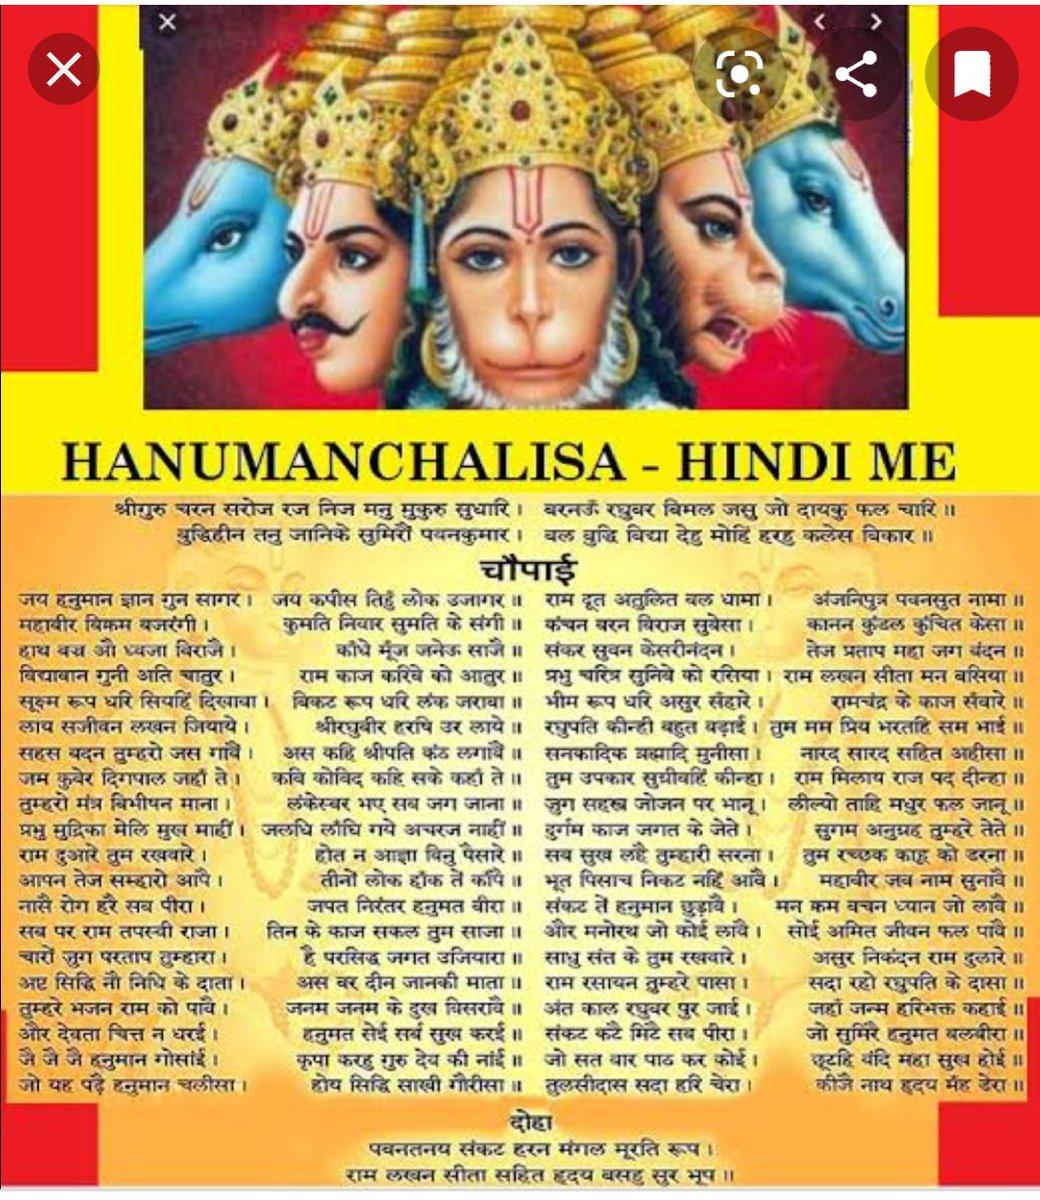 @AnupamPKher @Rajenderpahl !! प्रभु की कृपा भयउ सब काजू   जन्म हमार सुफल भा आजू!! !! जै श्री राम!!